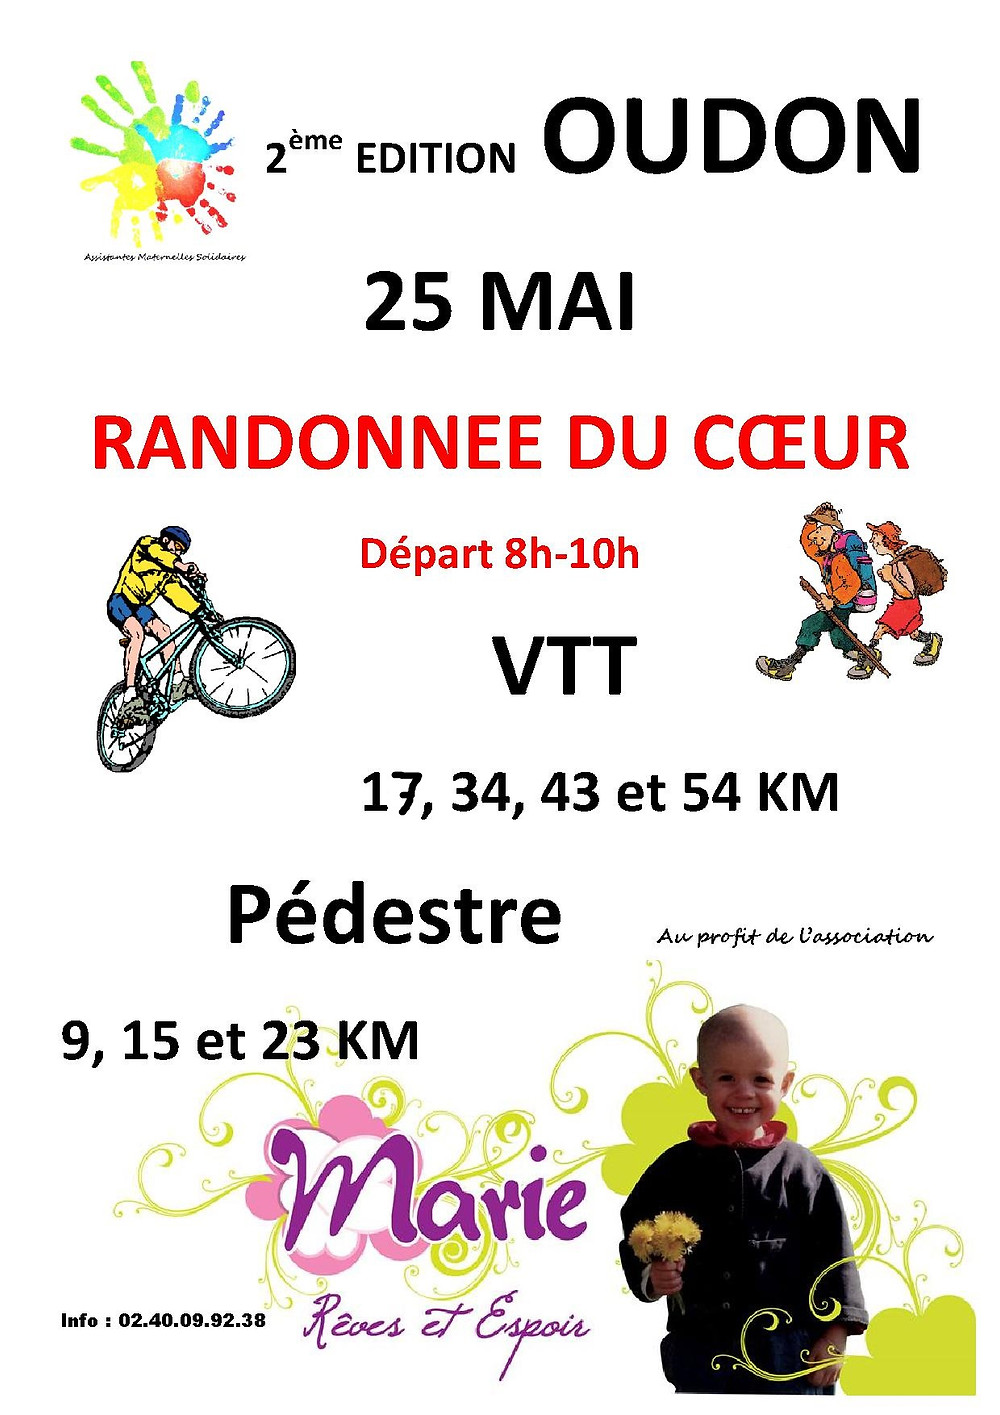 2ème_EDITION__OUDON_rando_(3).jpg